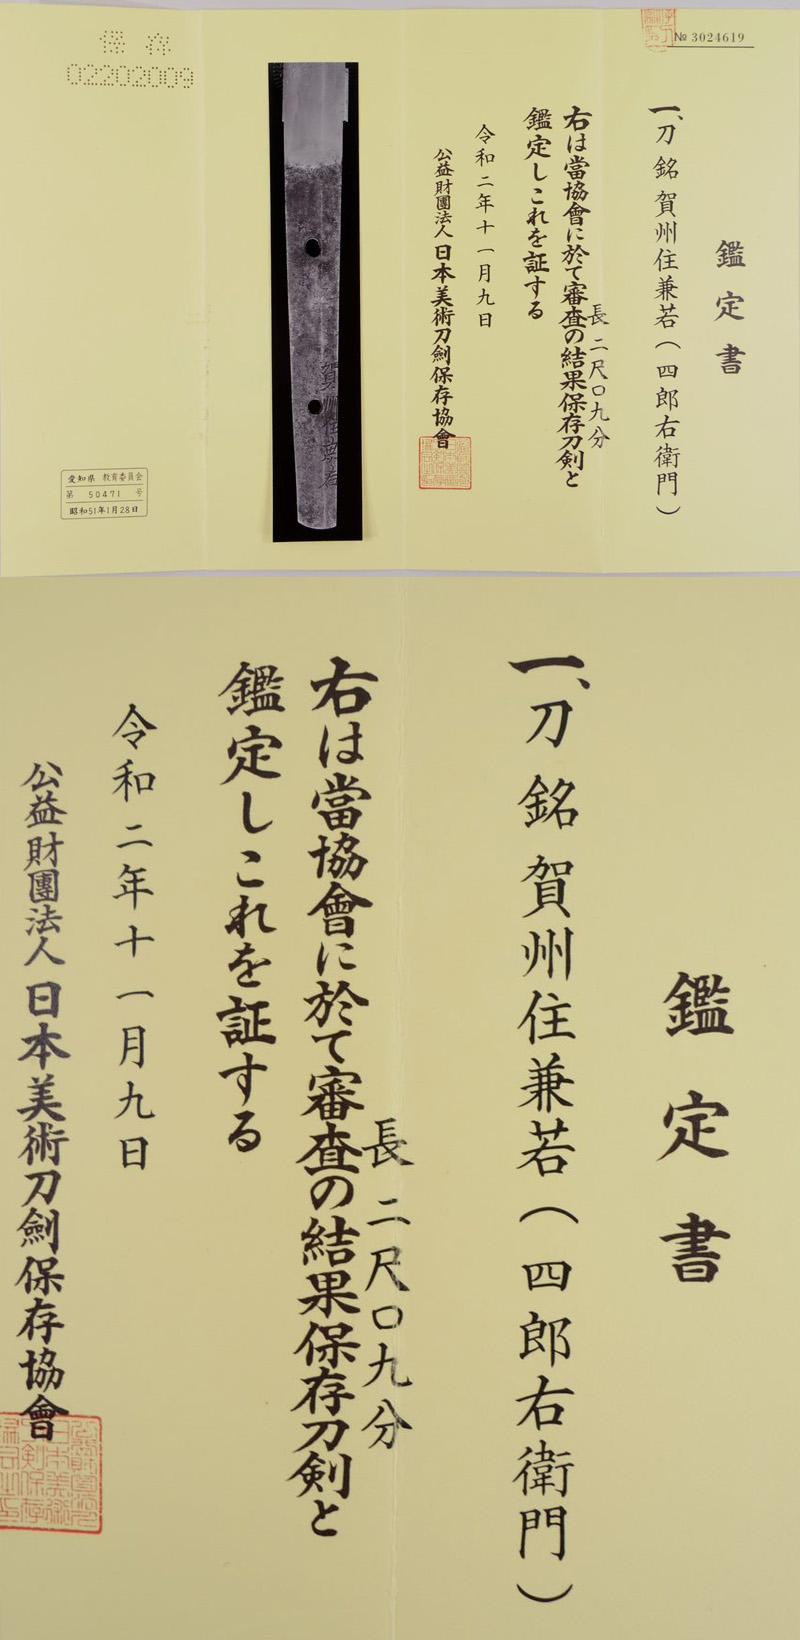 刀 賀州住兼若(四郎右衛門) (三代) (新刀 上作) Picture of Certificate